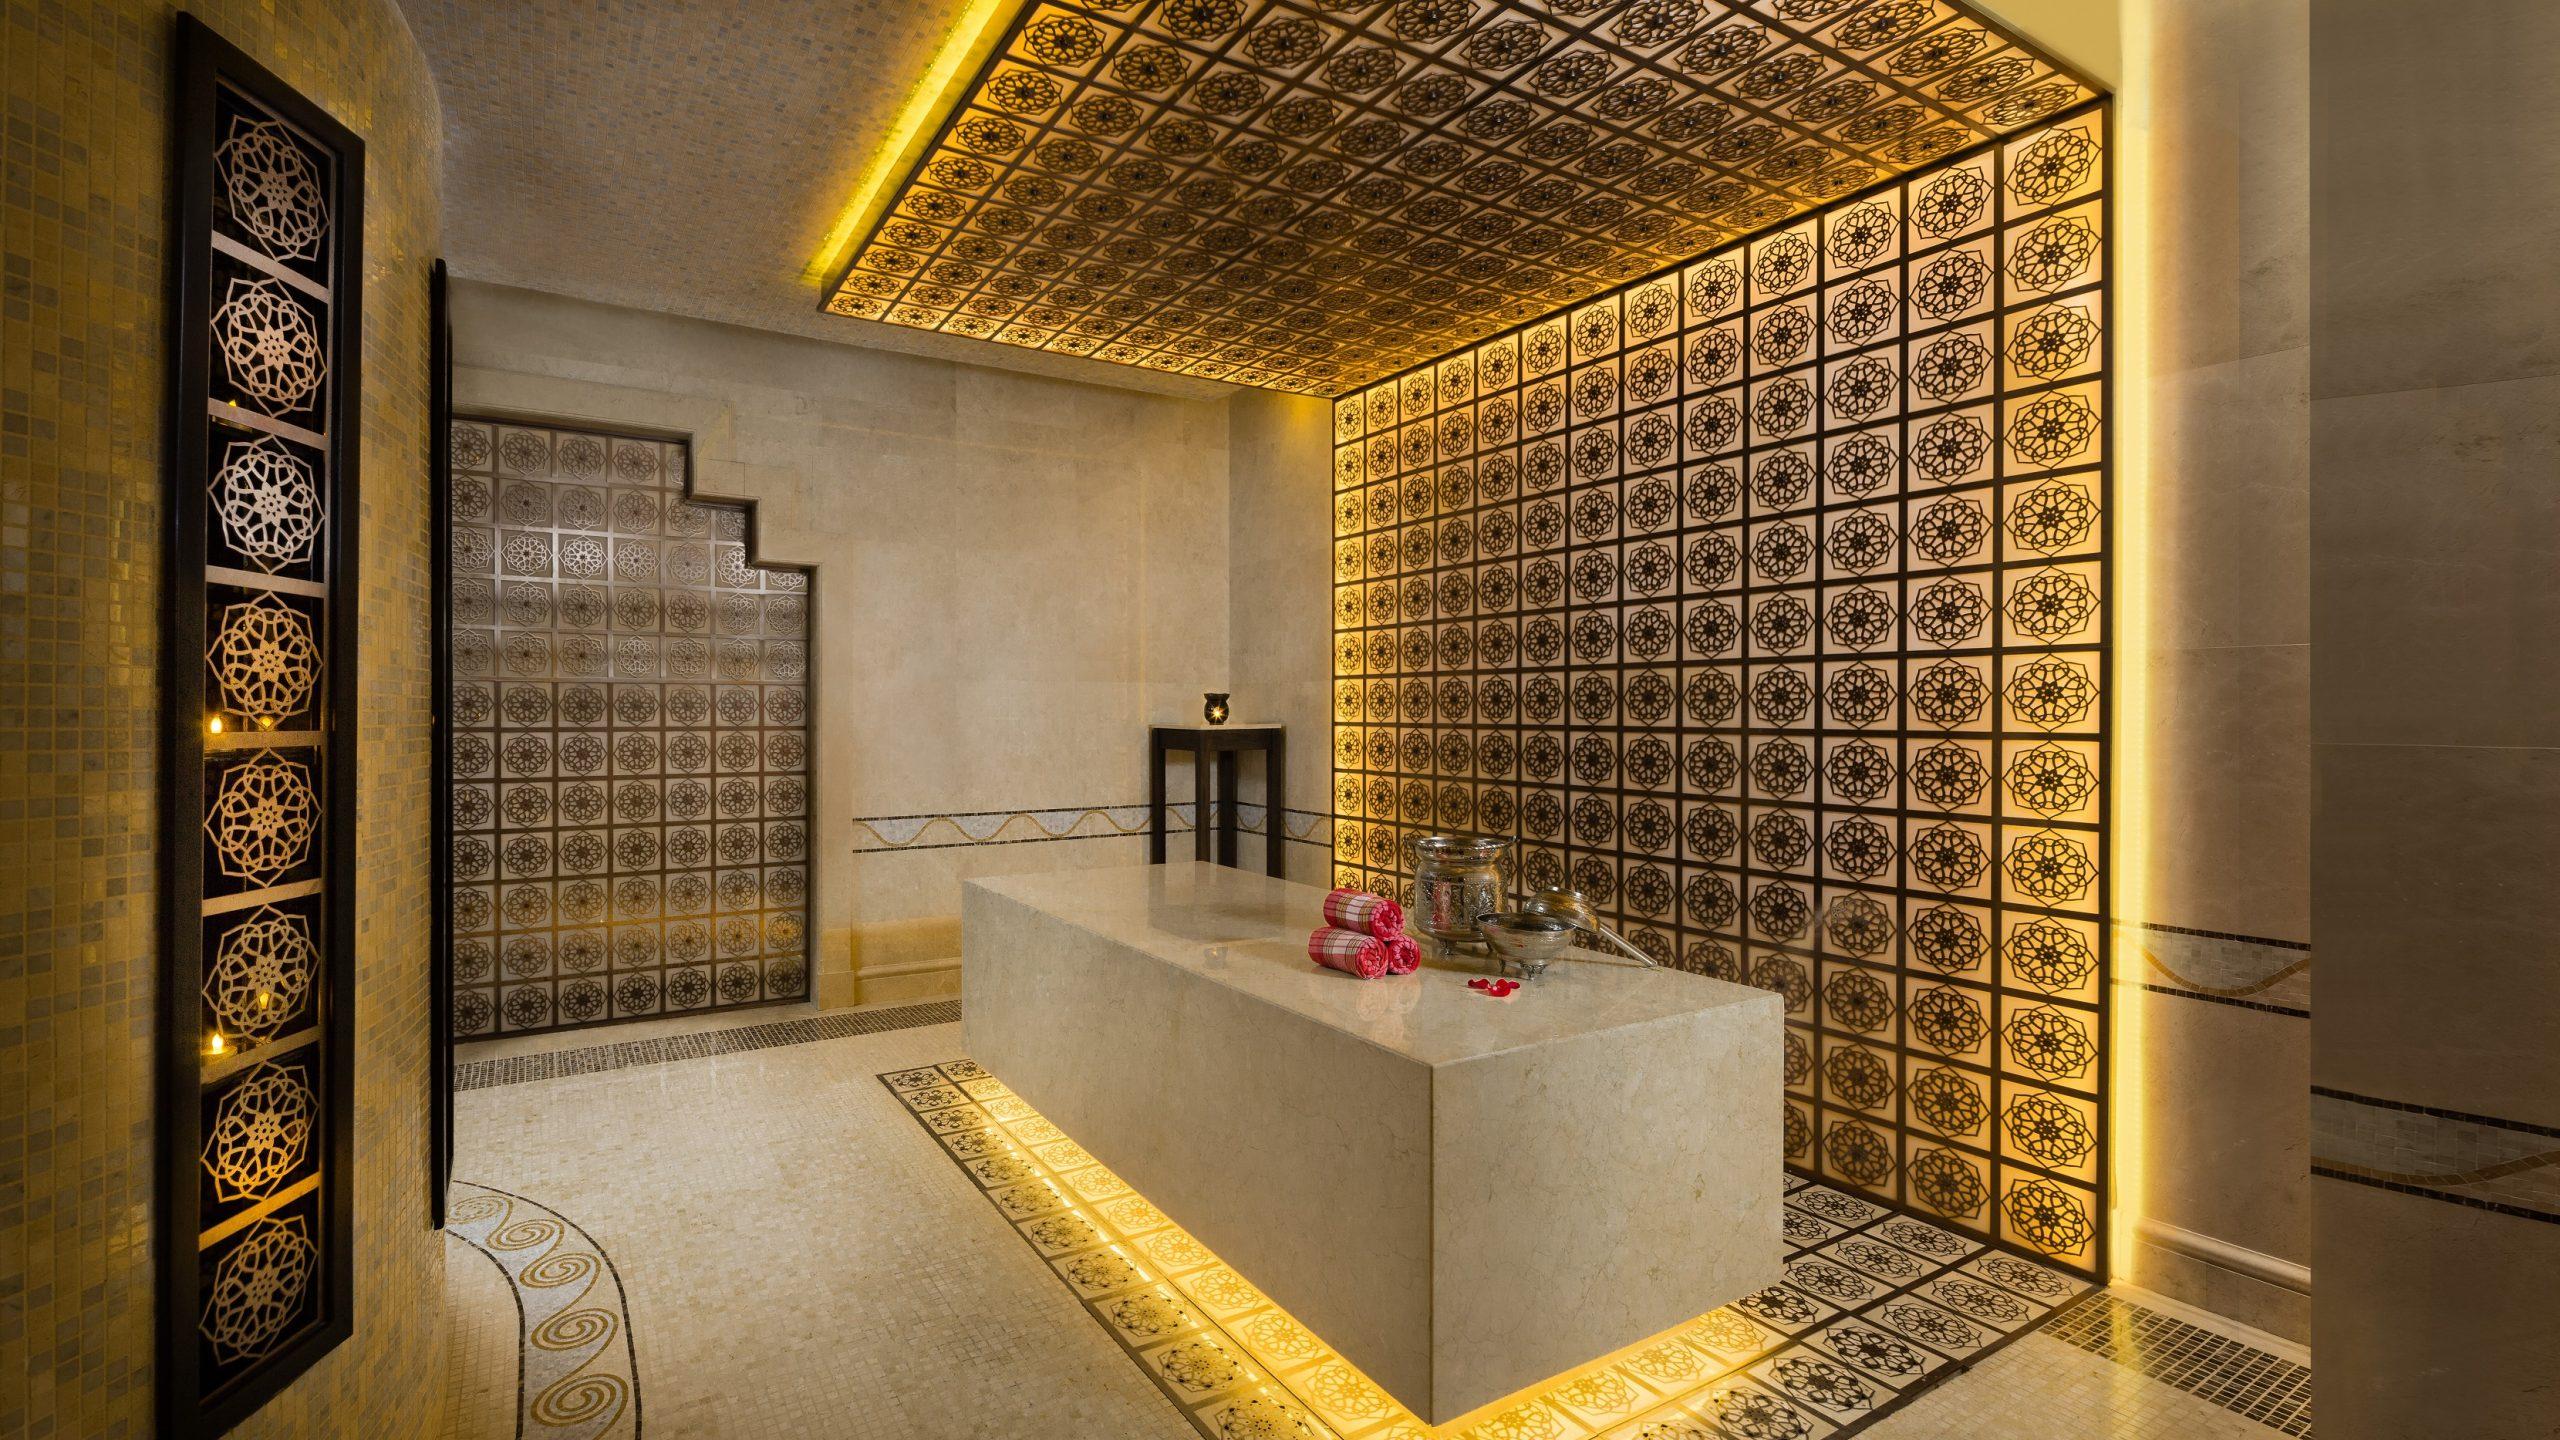 سبا فندق قصر الإمارات يقدم عروض استجمام حصرية إحتفالاً بالأم